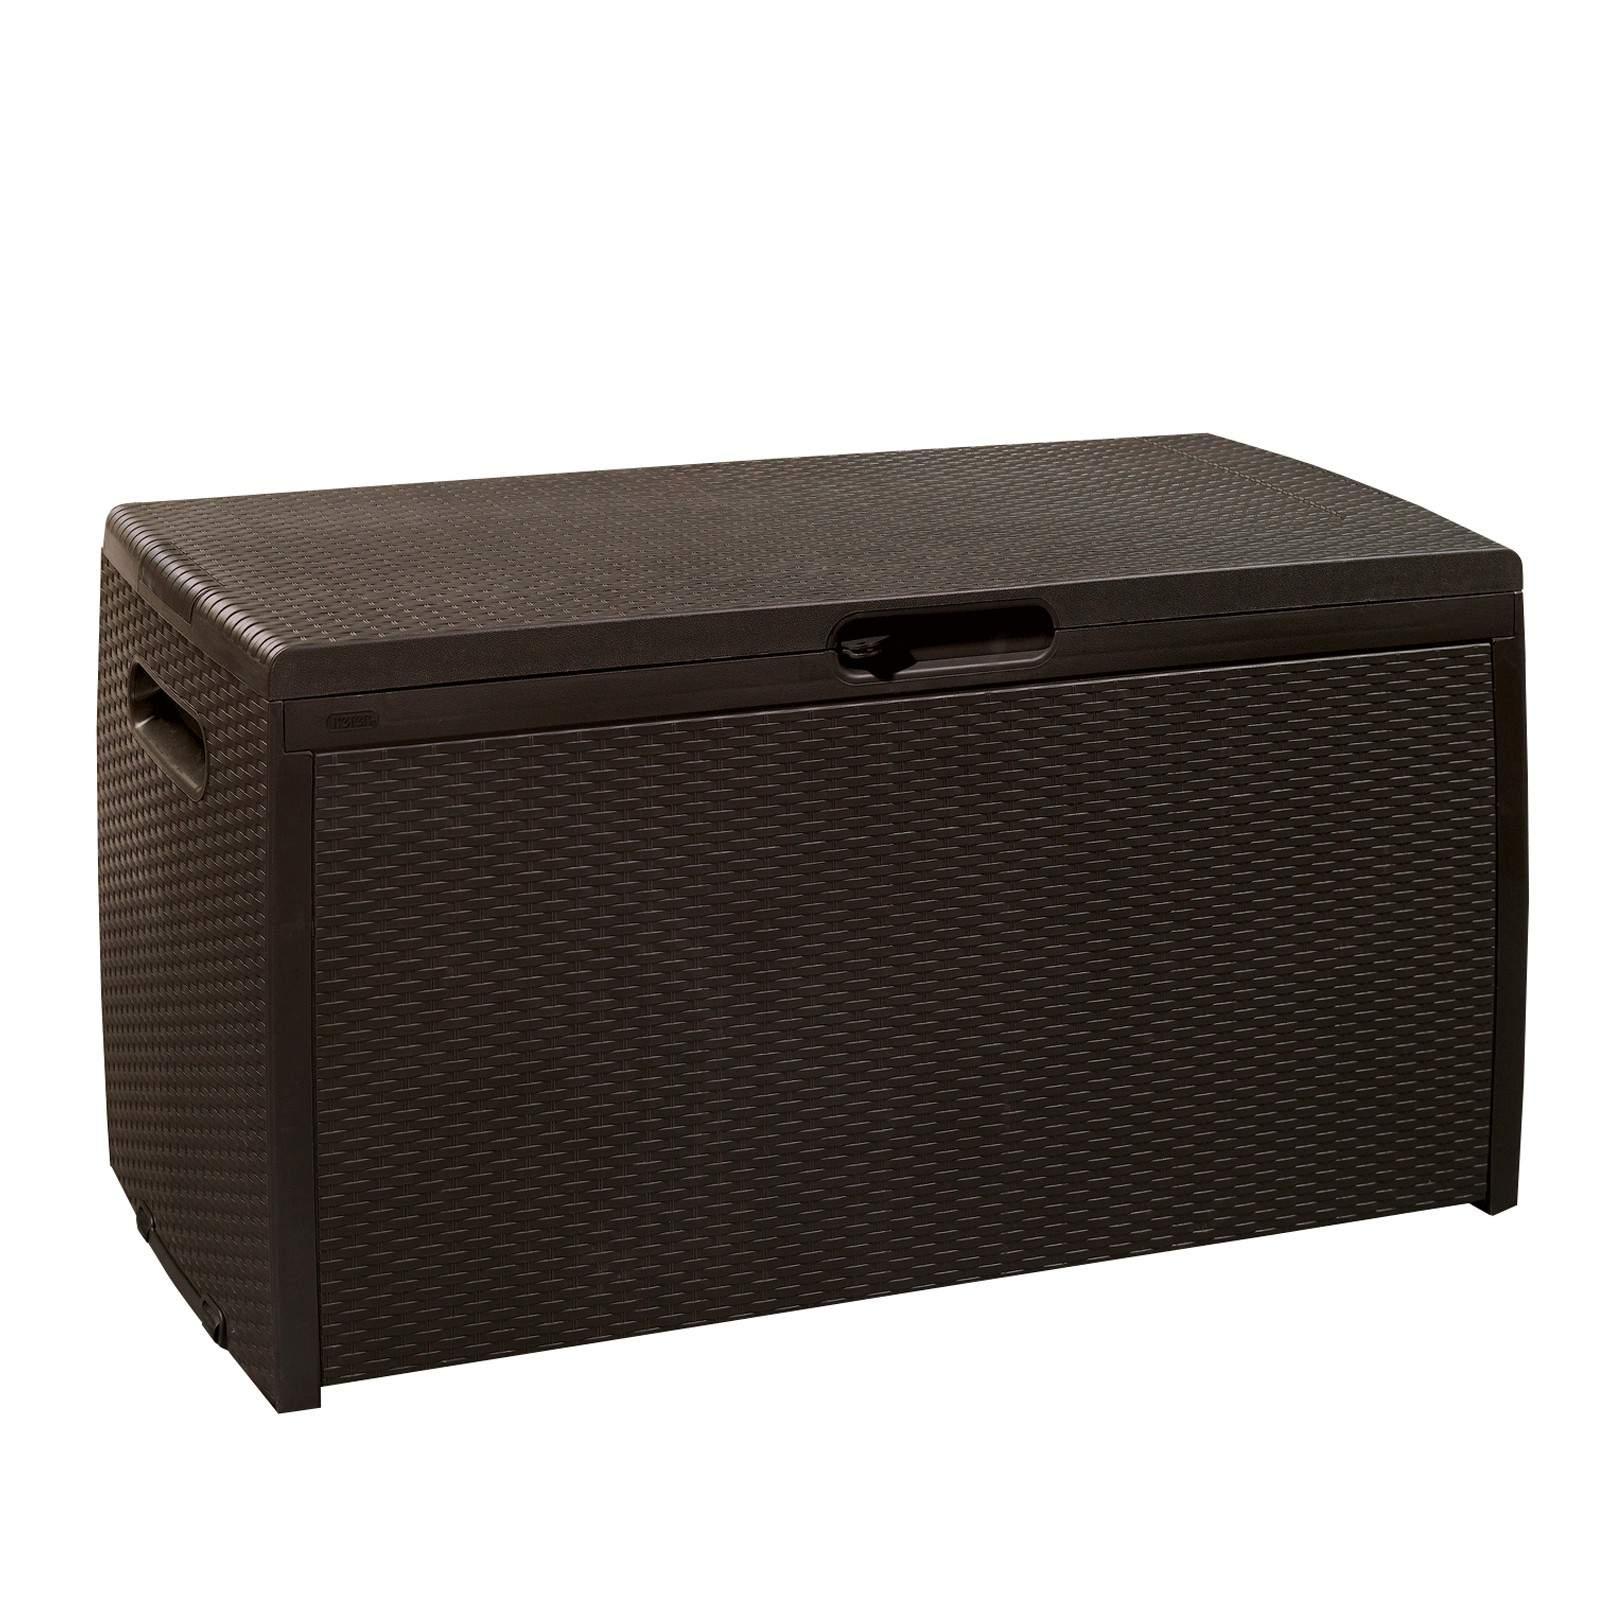 Keter Garten Box Aufbewahrungsbox Rattan Style 2